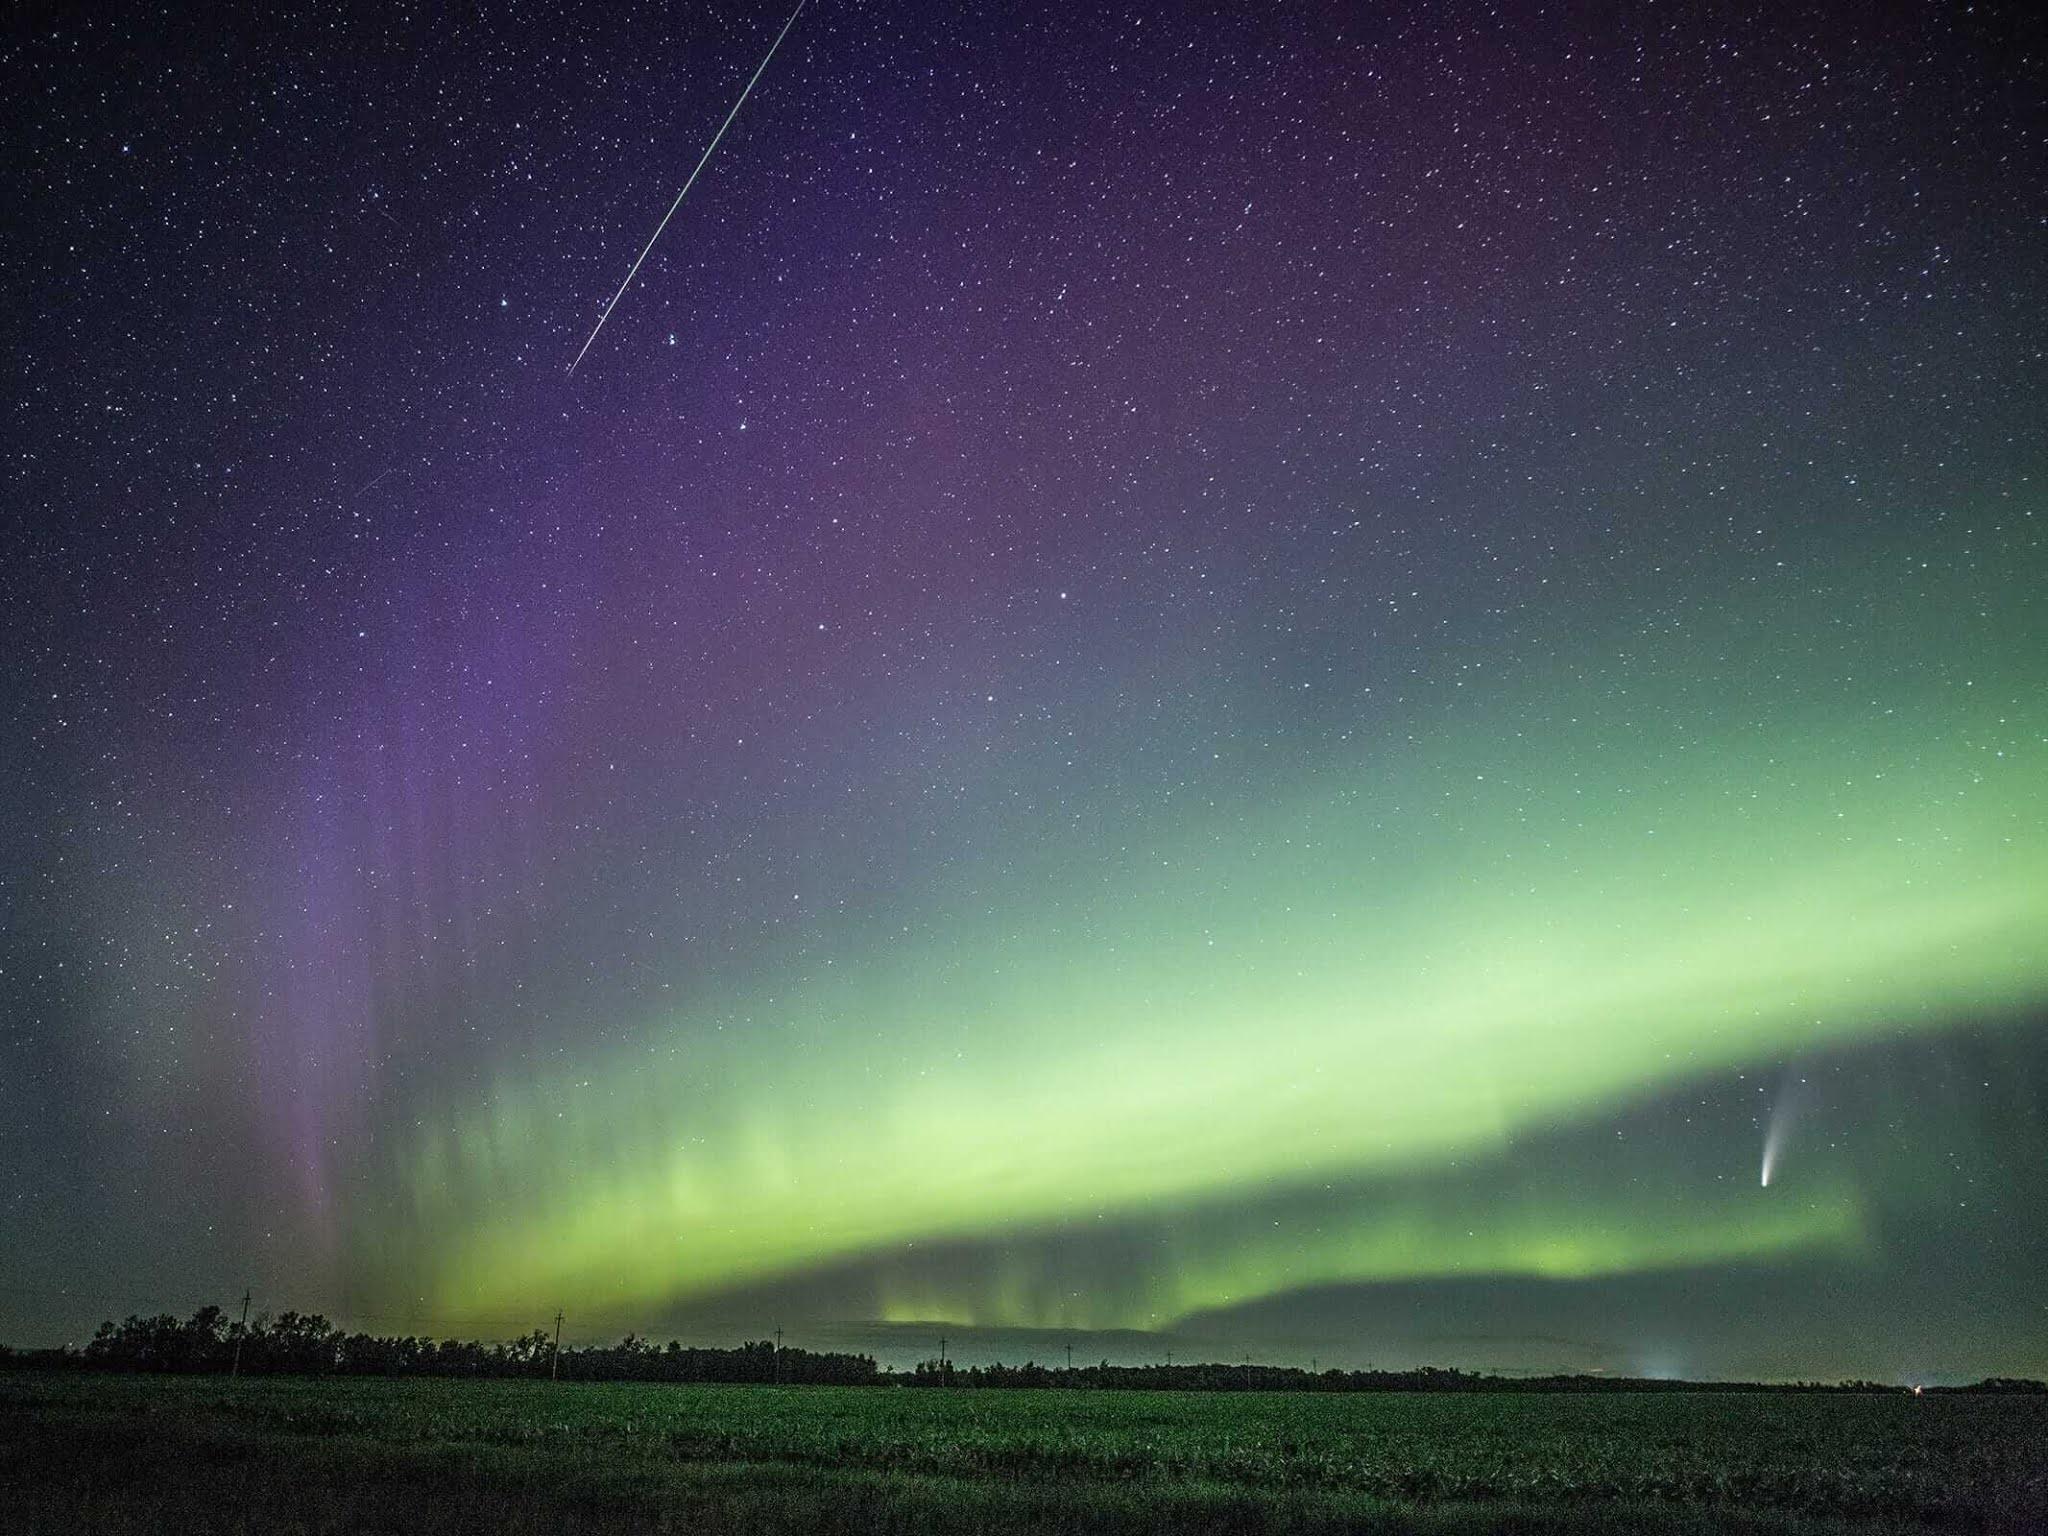 cometa-neowise-com-meteoro-e-aurora-boreal